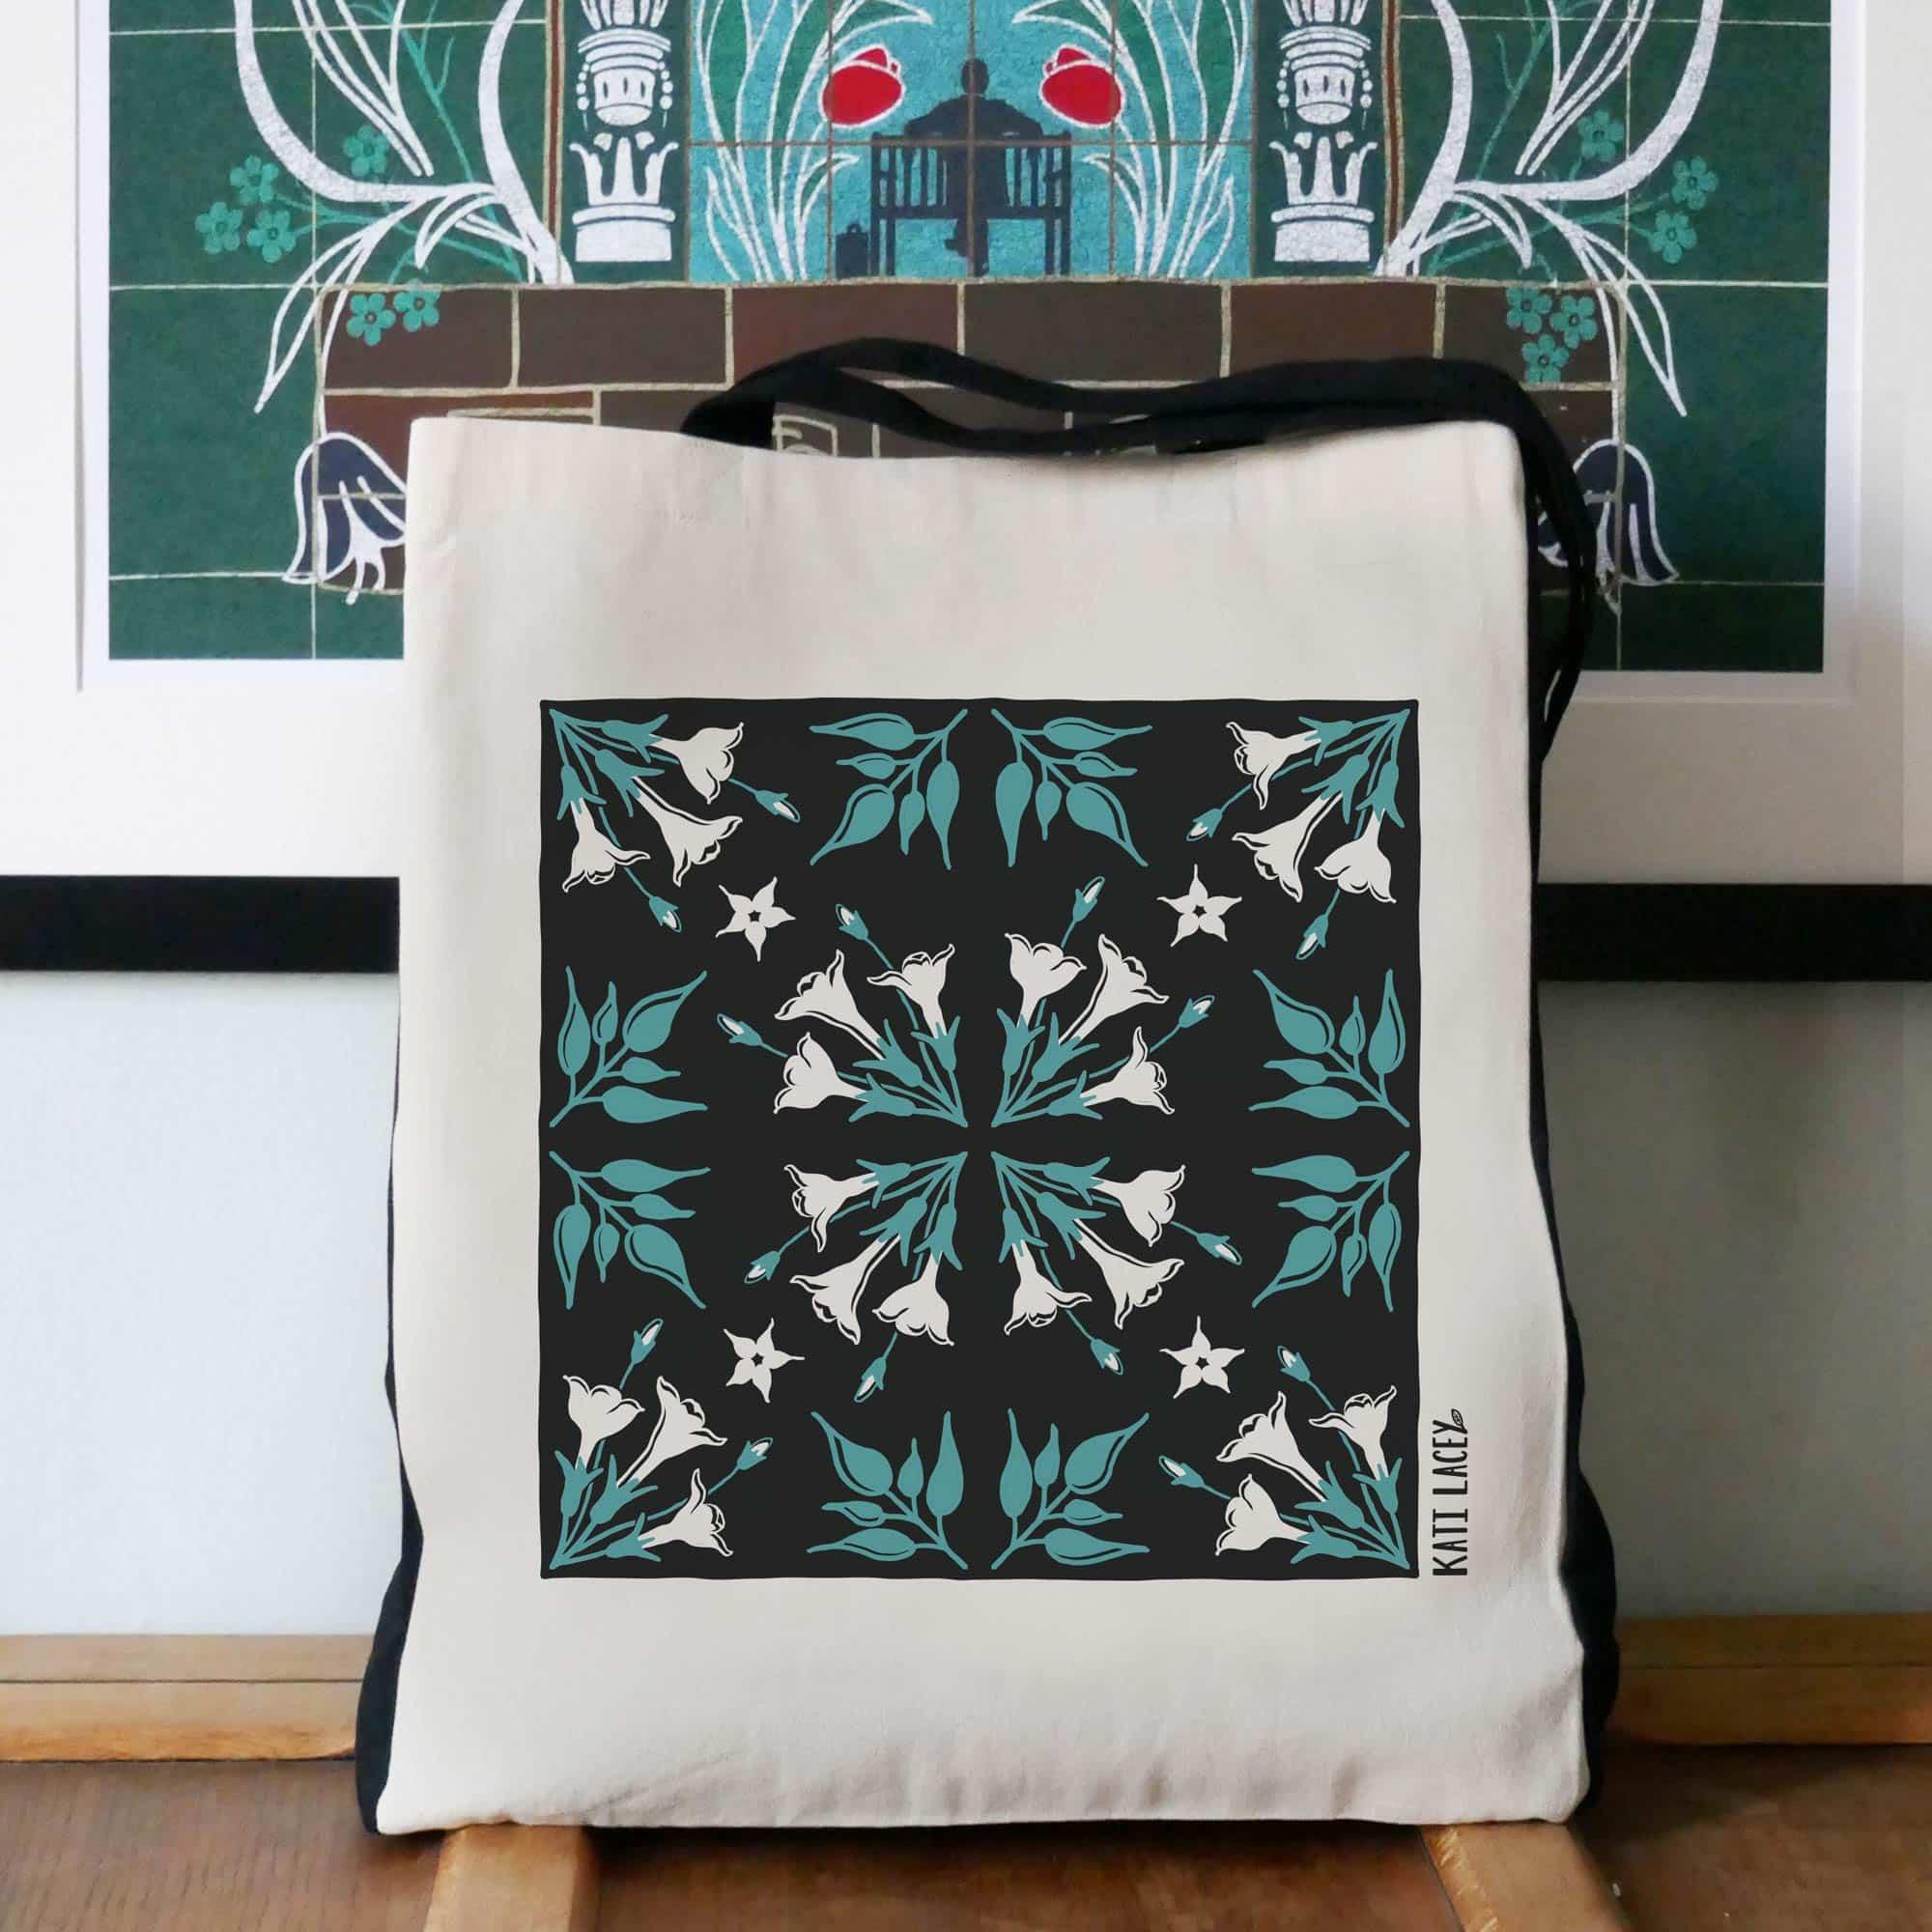 Iznik inspired teal & black tile design on large two-tone shopper with Jasmine floral design